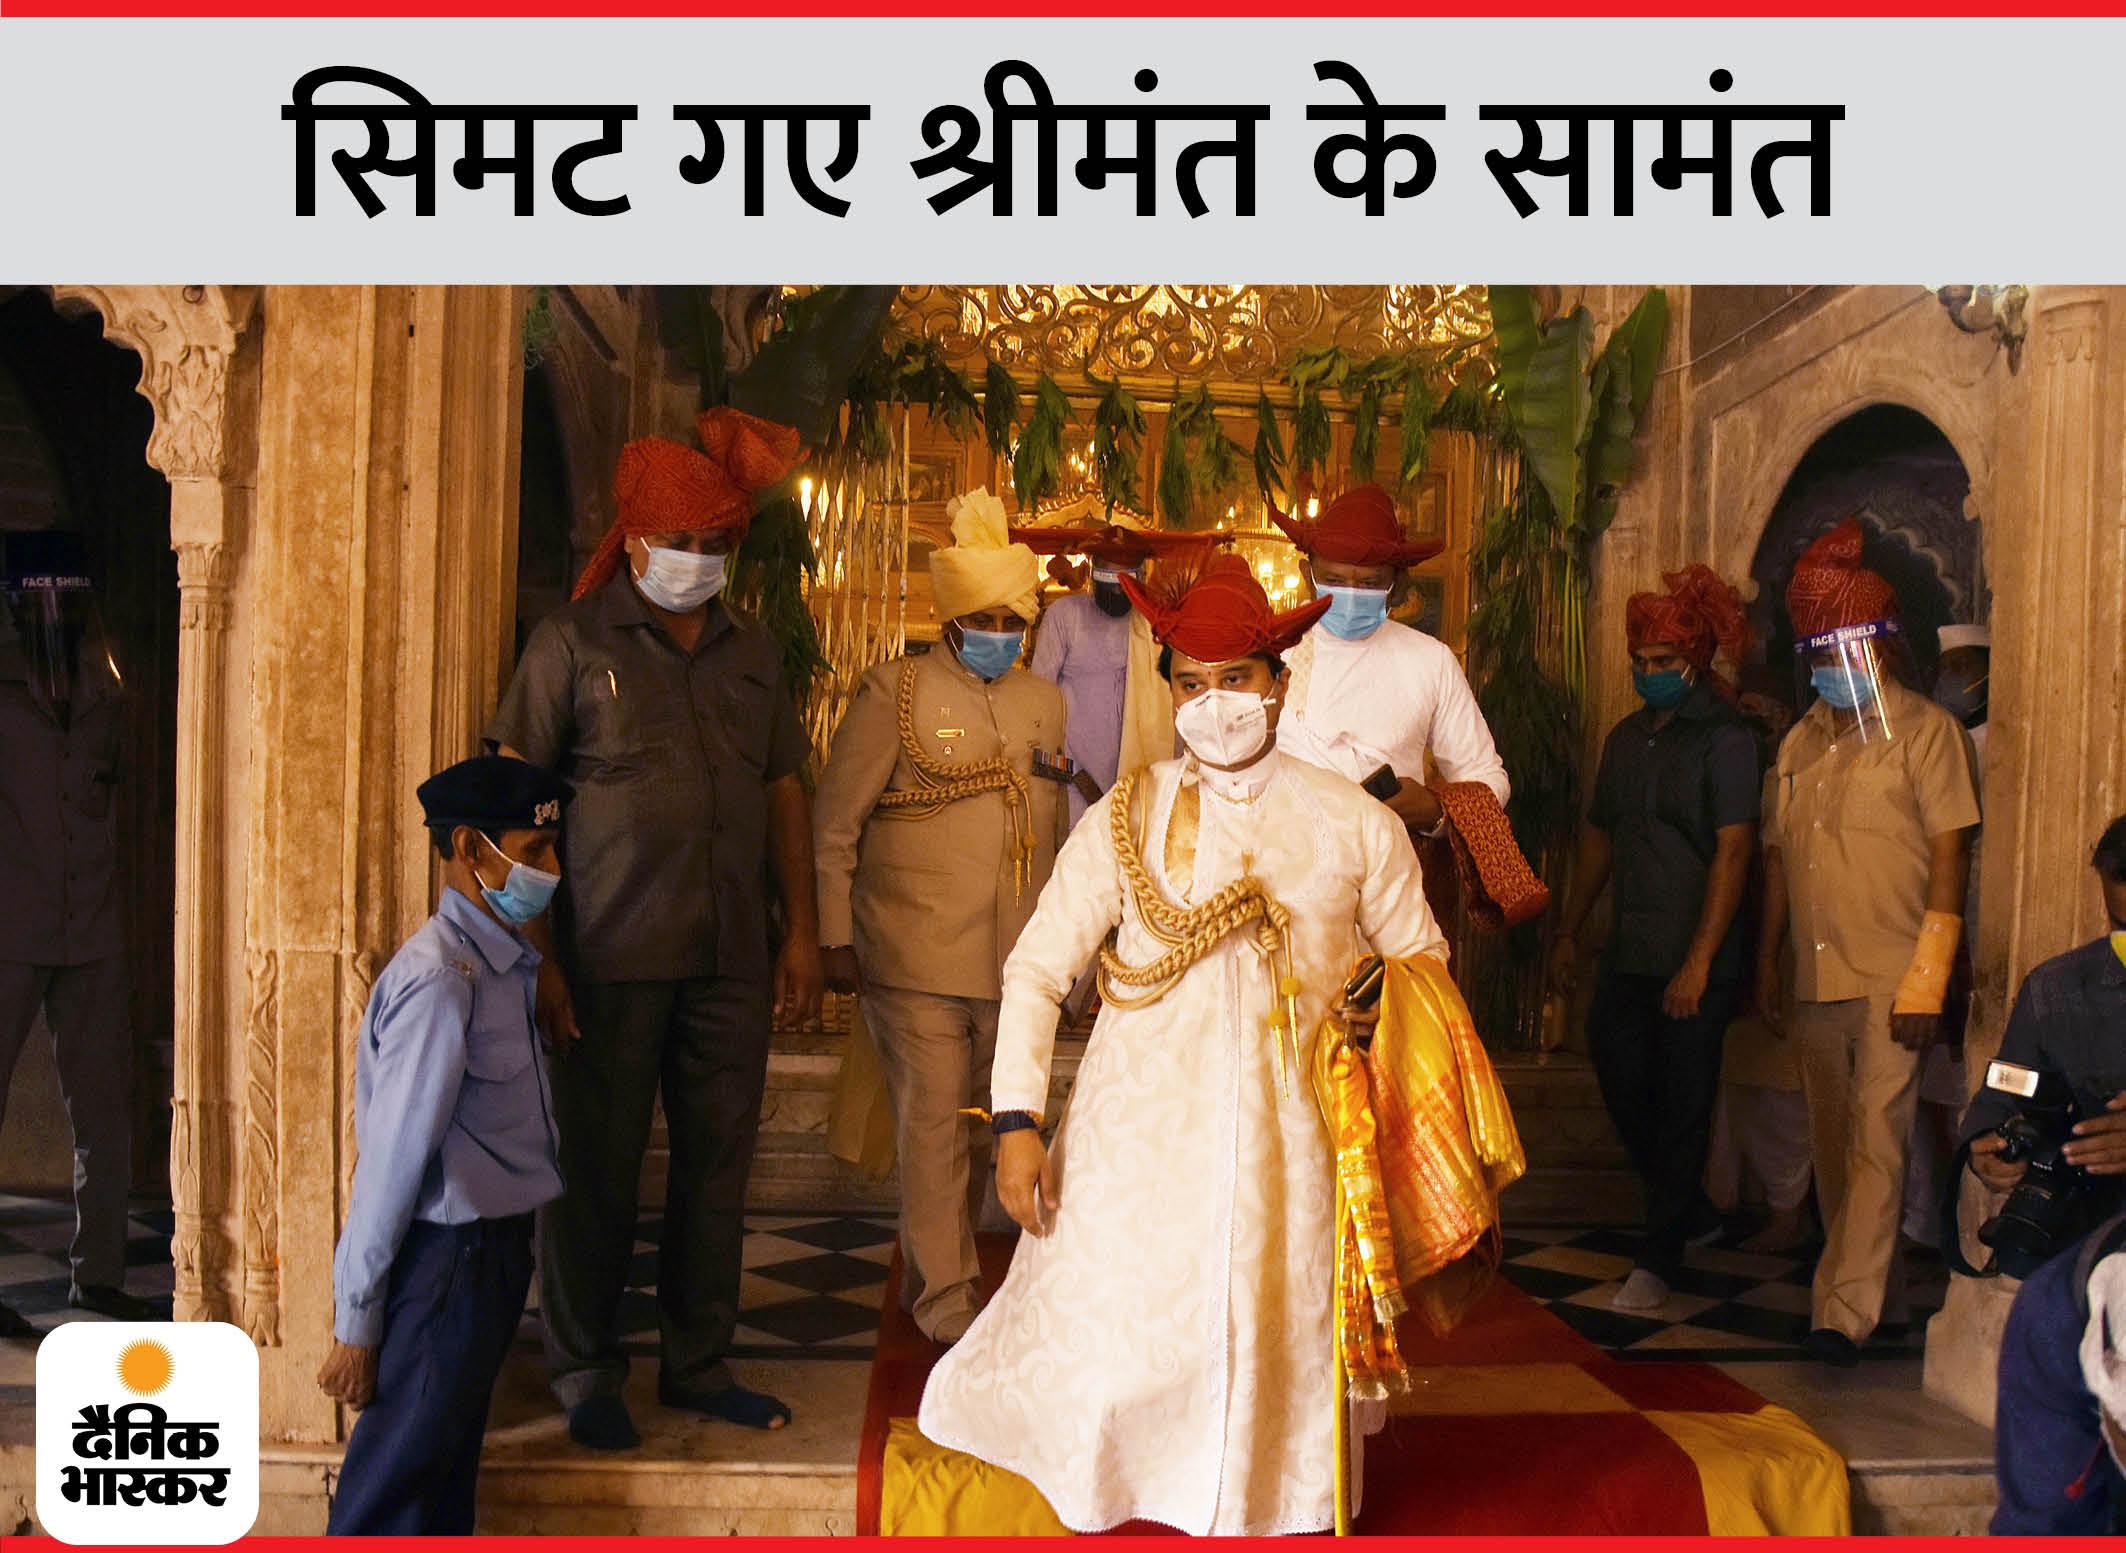 मध्यप्रदेश में सिंधिया के असर वाली 20 सीटों में से भाजपा 14 पर आगे, कांग्रेस को 6 पर बढ़त|मध्य प्रदेश,Madhya Pradesh - Dainik Bhaskar